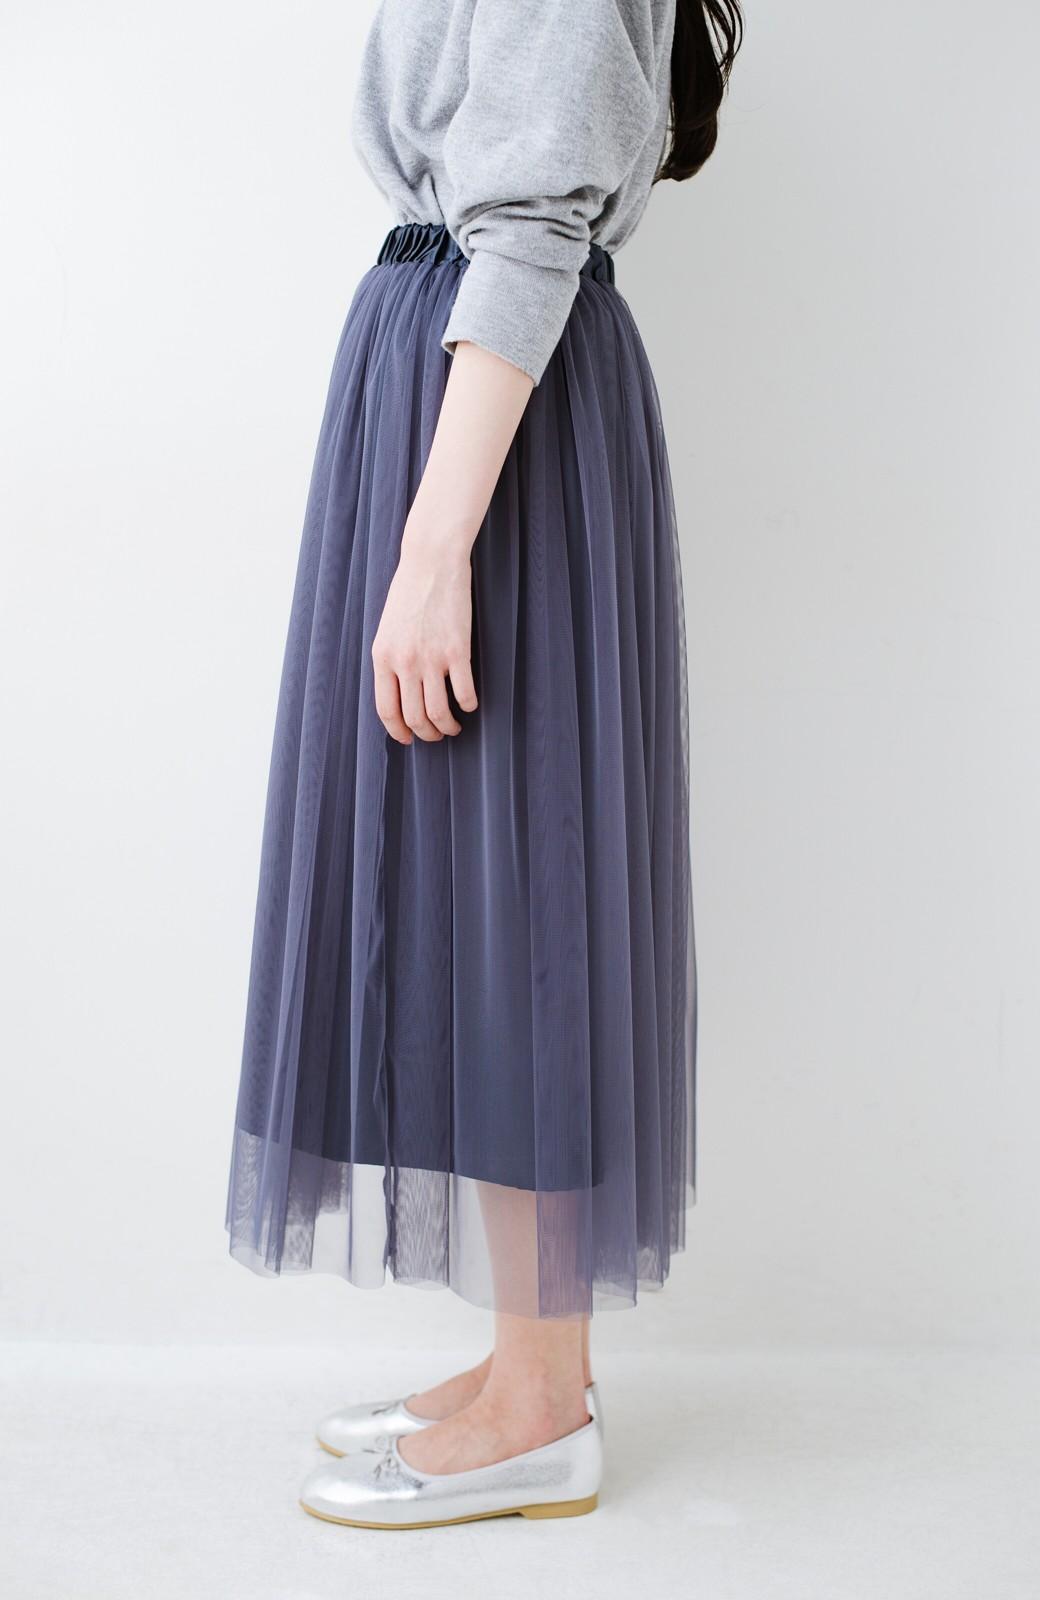 haco! 着るだけでルンとした気分になる! 長ーーい季節着られてずっと使えるオトナのためのチュールスカート <ネイビー>の商品写真7